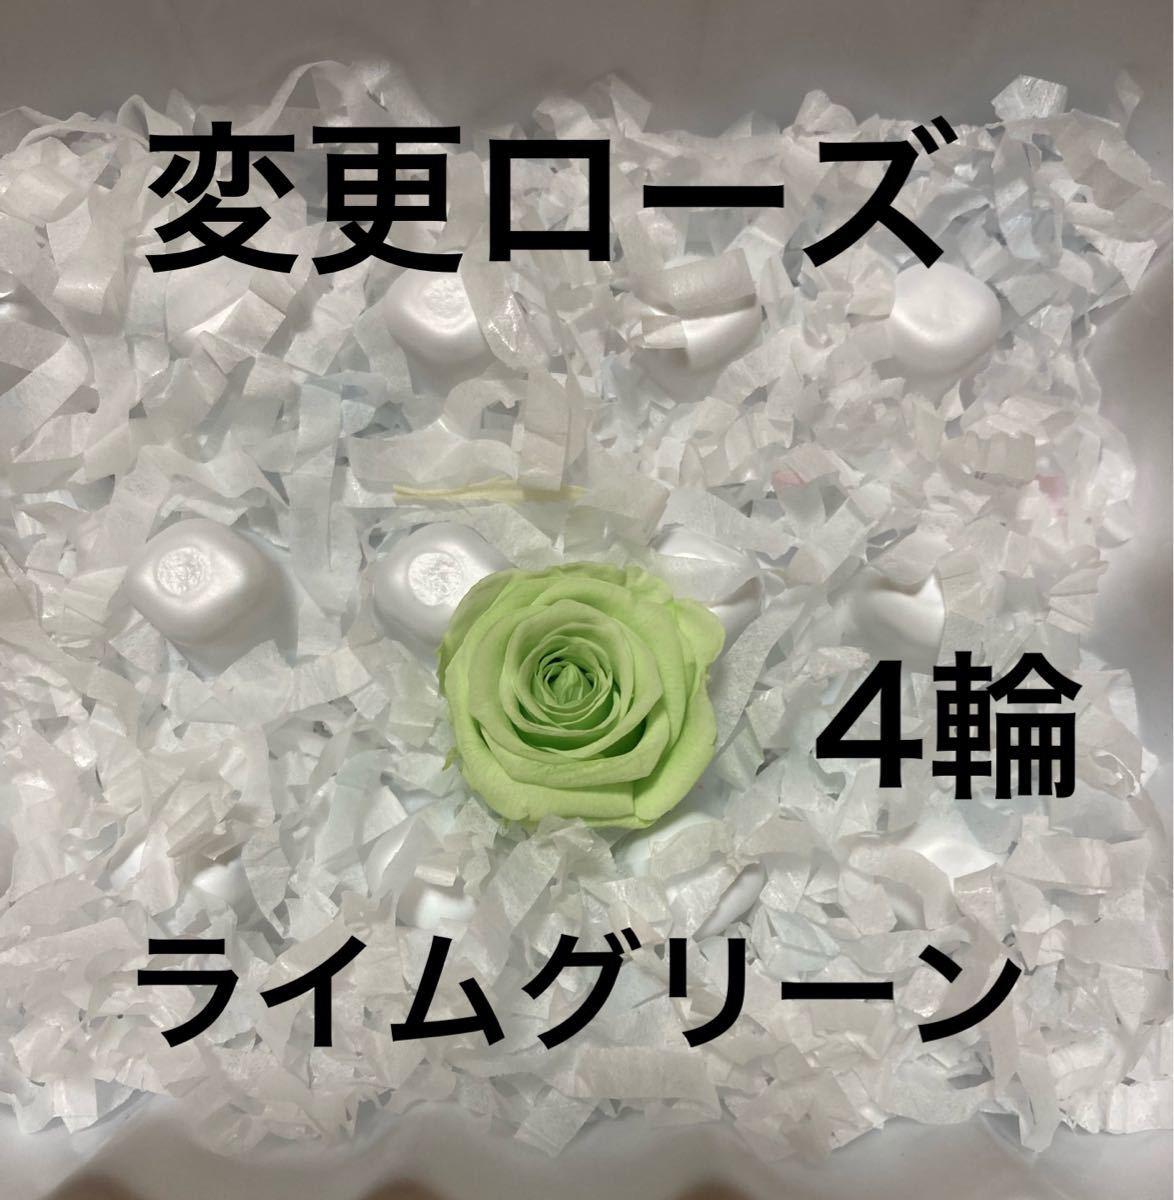 プリザーブドフラワー アソート ハーバリウム花材 バラ VERMEILLEアヴァカラーアソート16輪、ぷらは様、専用ページ